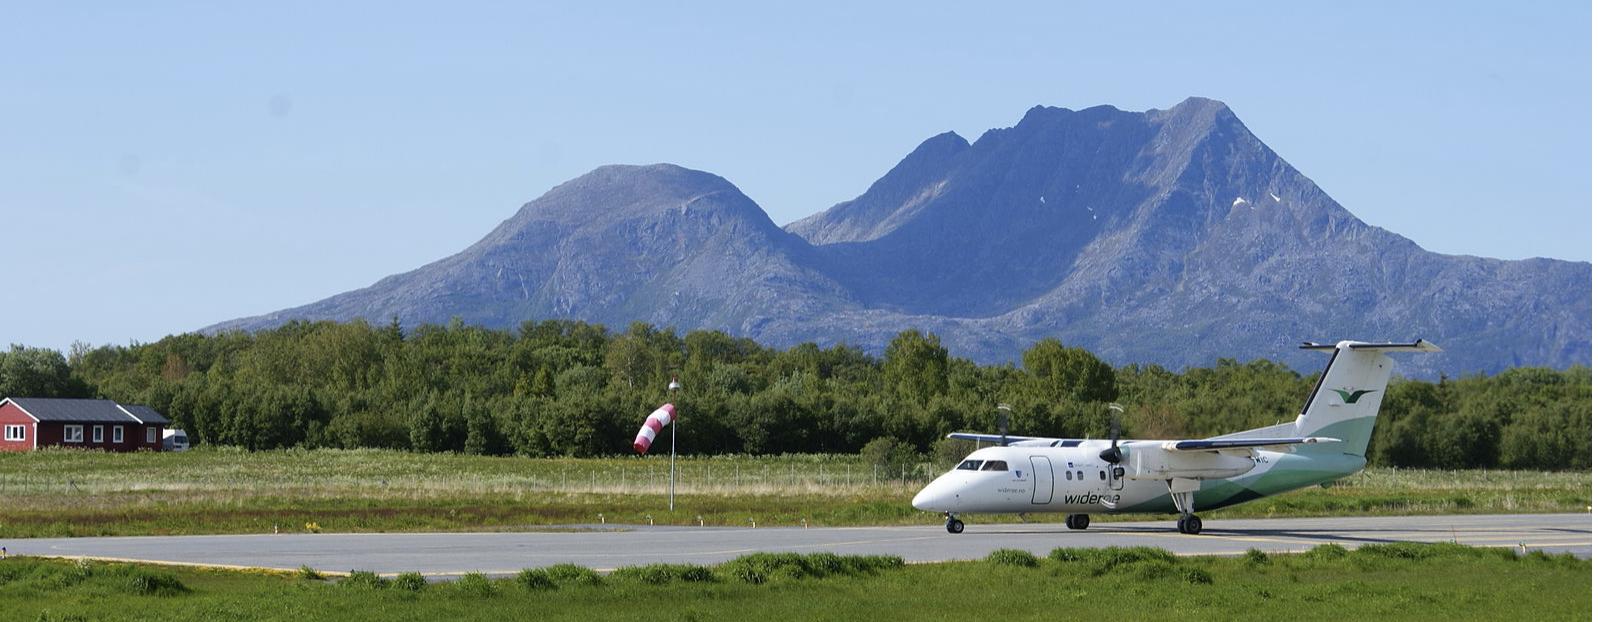 Stokke flyplass, Sandnessjøen